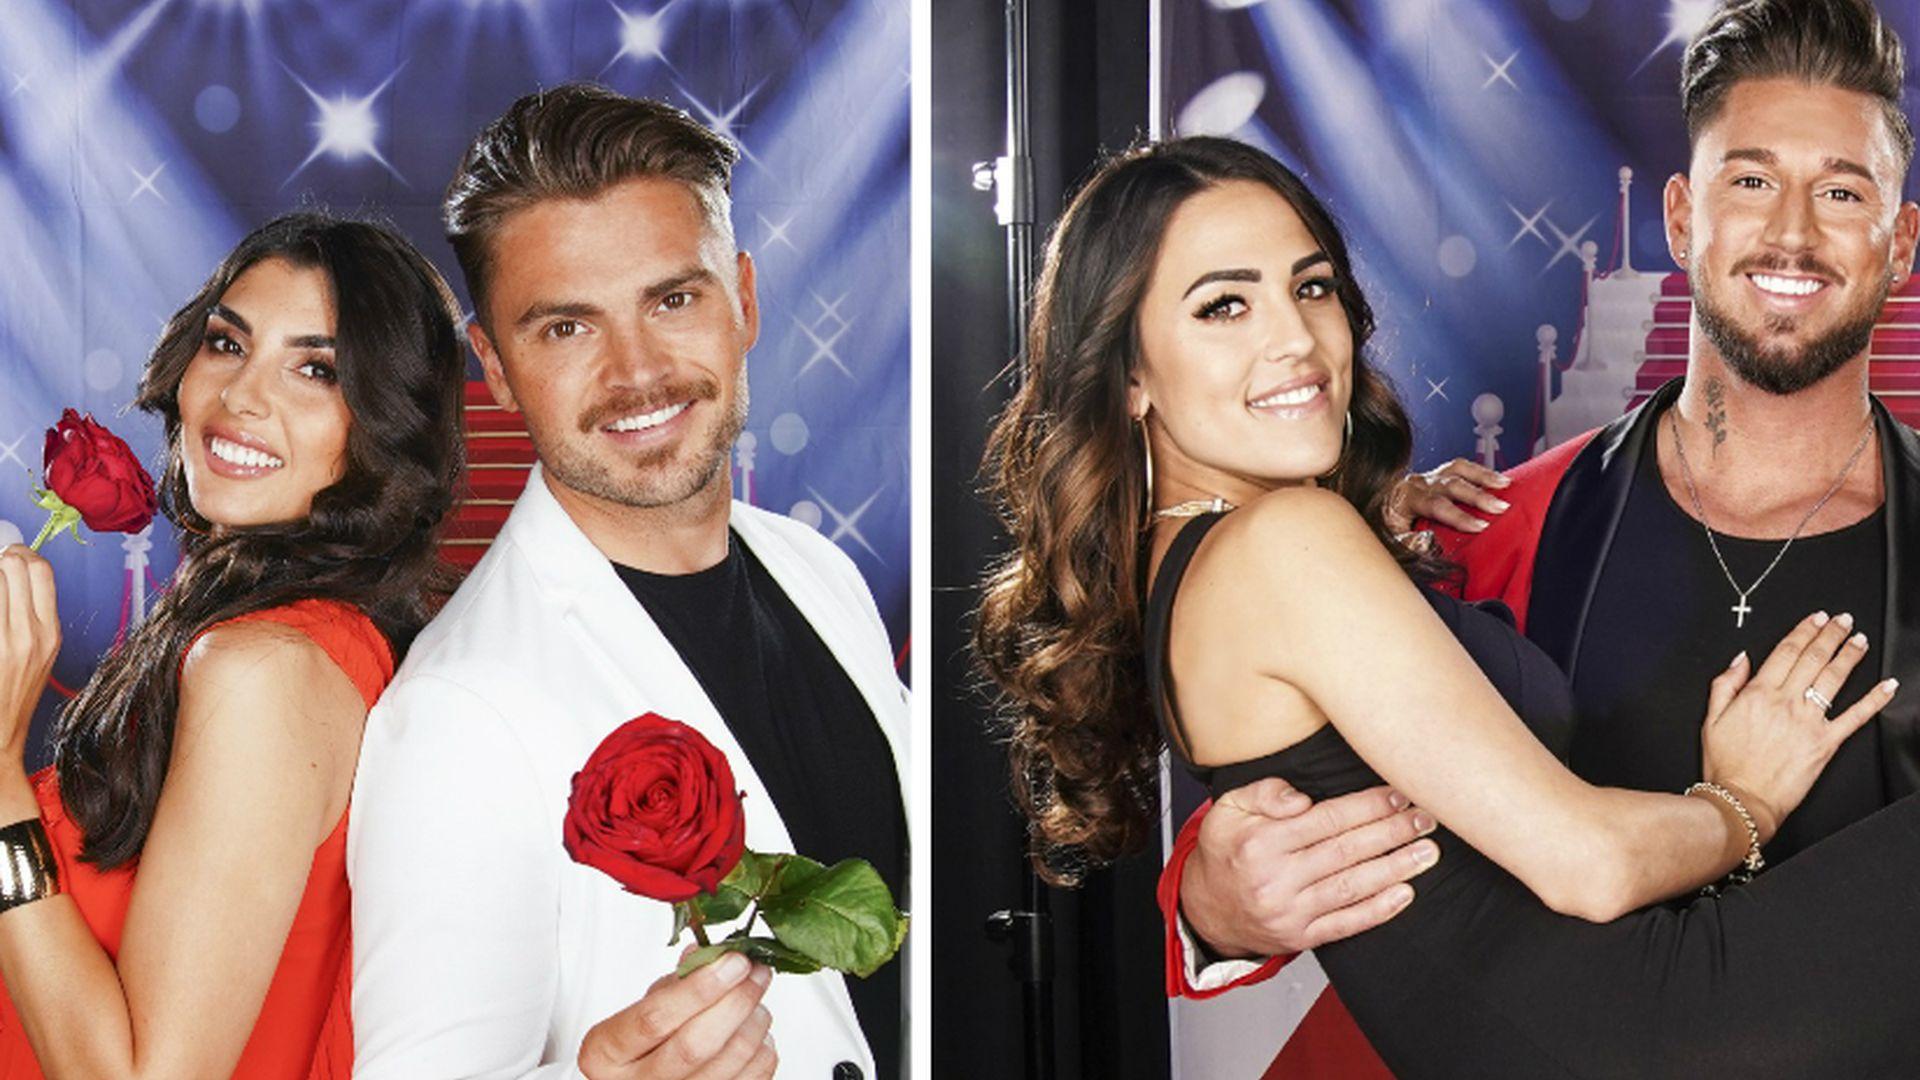 Mike Und Elena